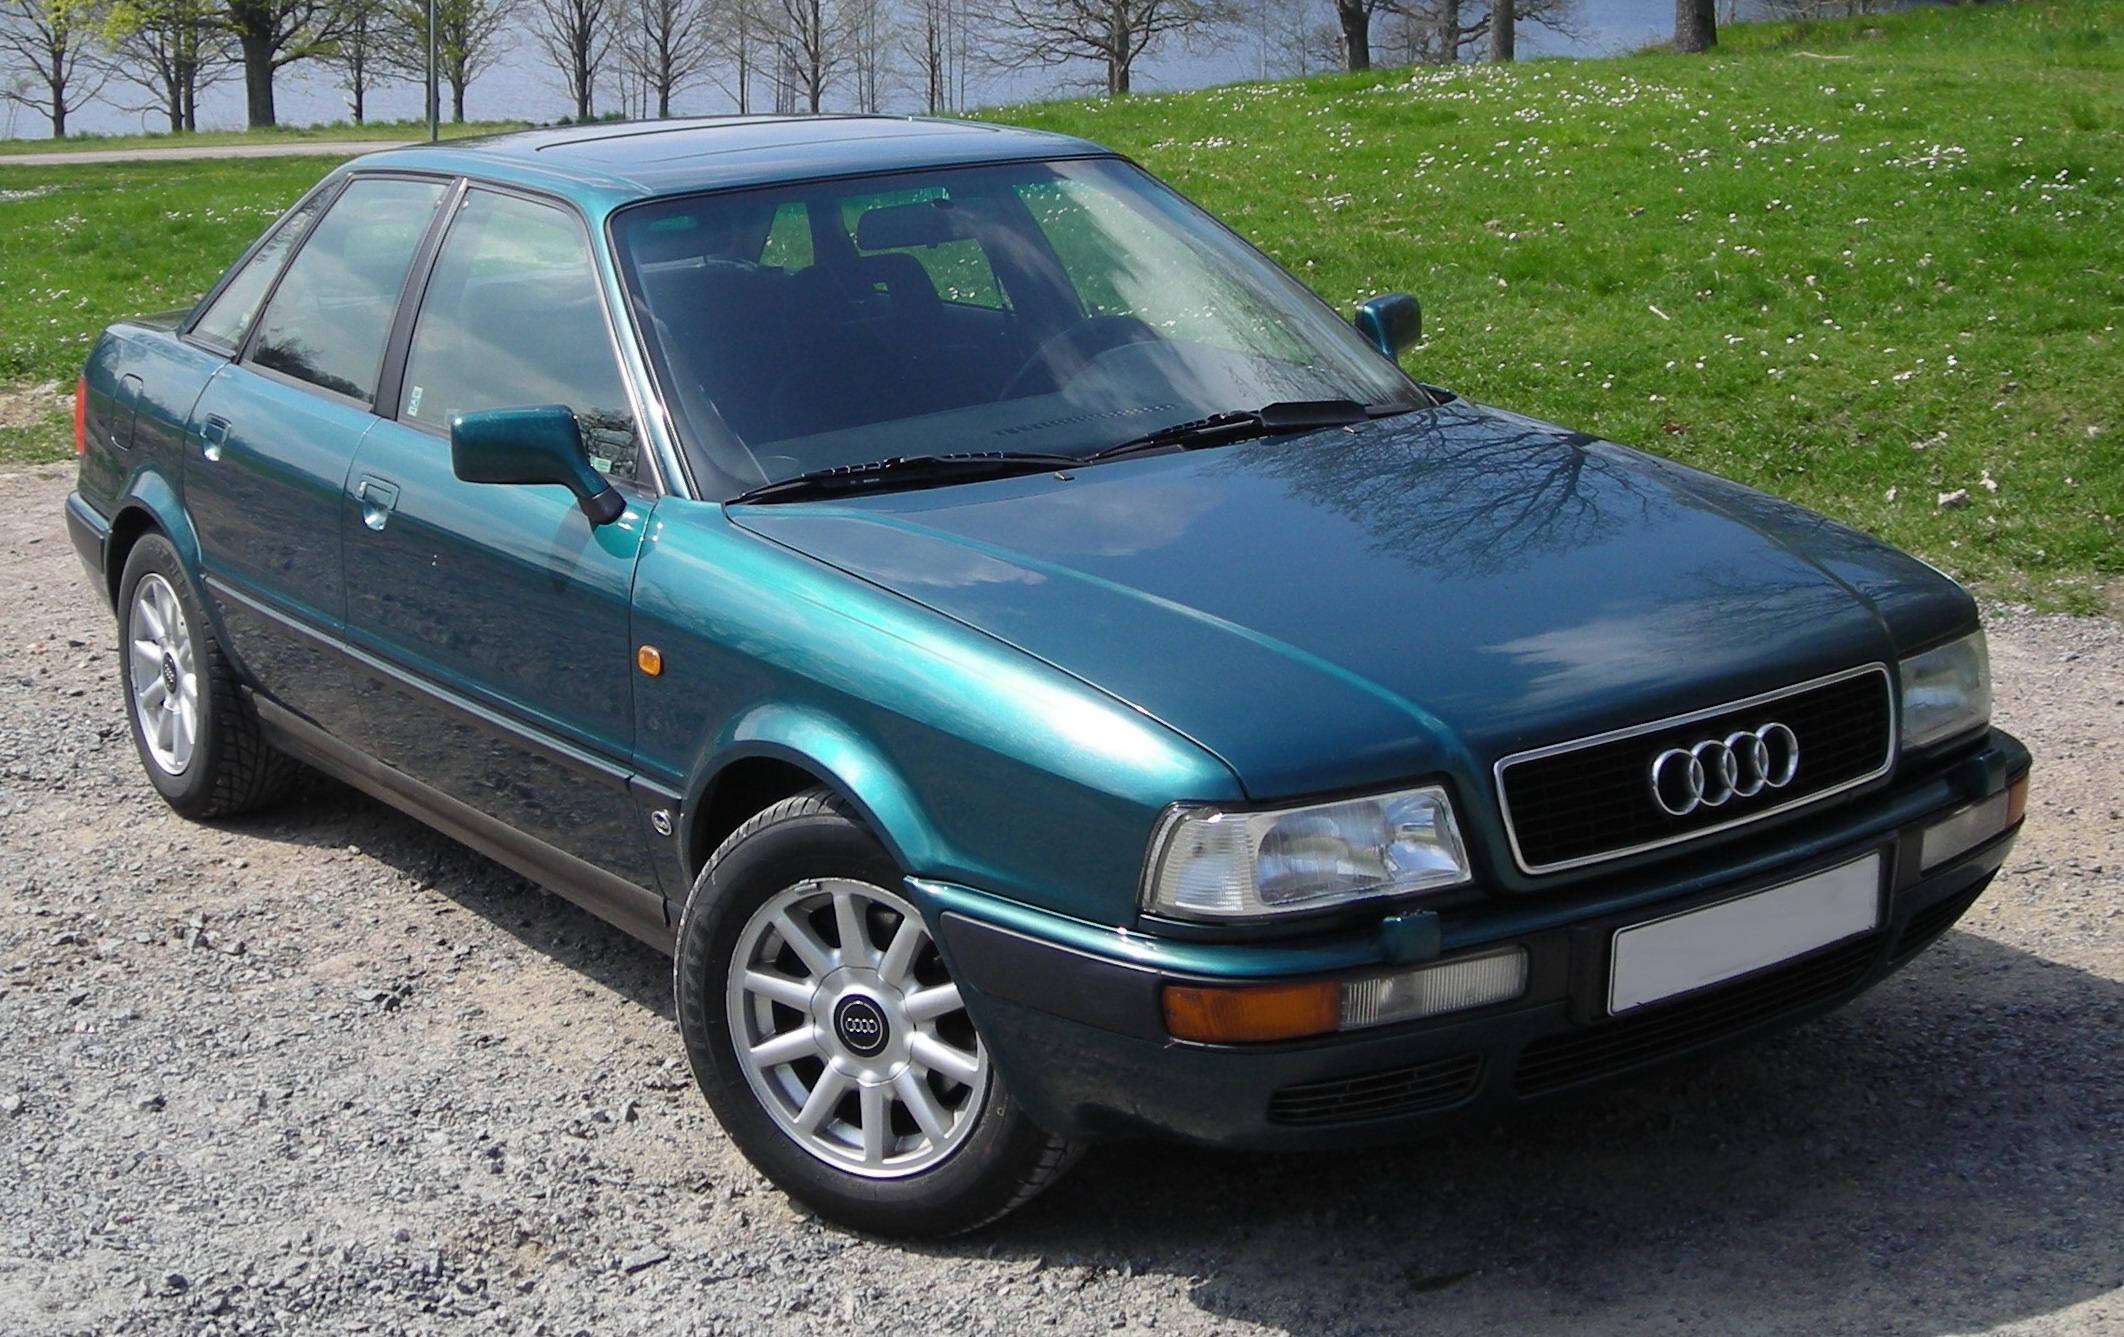 0_1565193133593_Audi80-1992.jpg